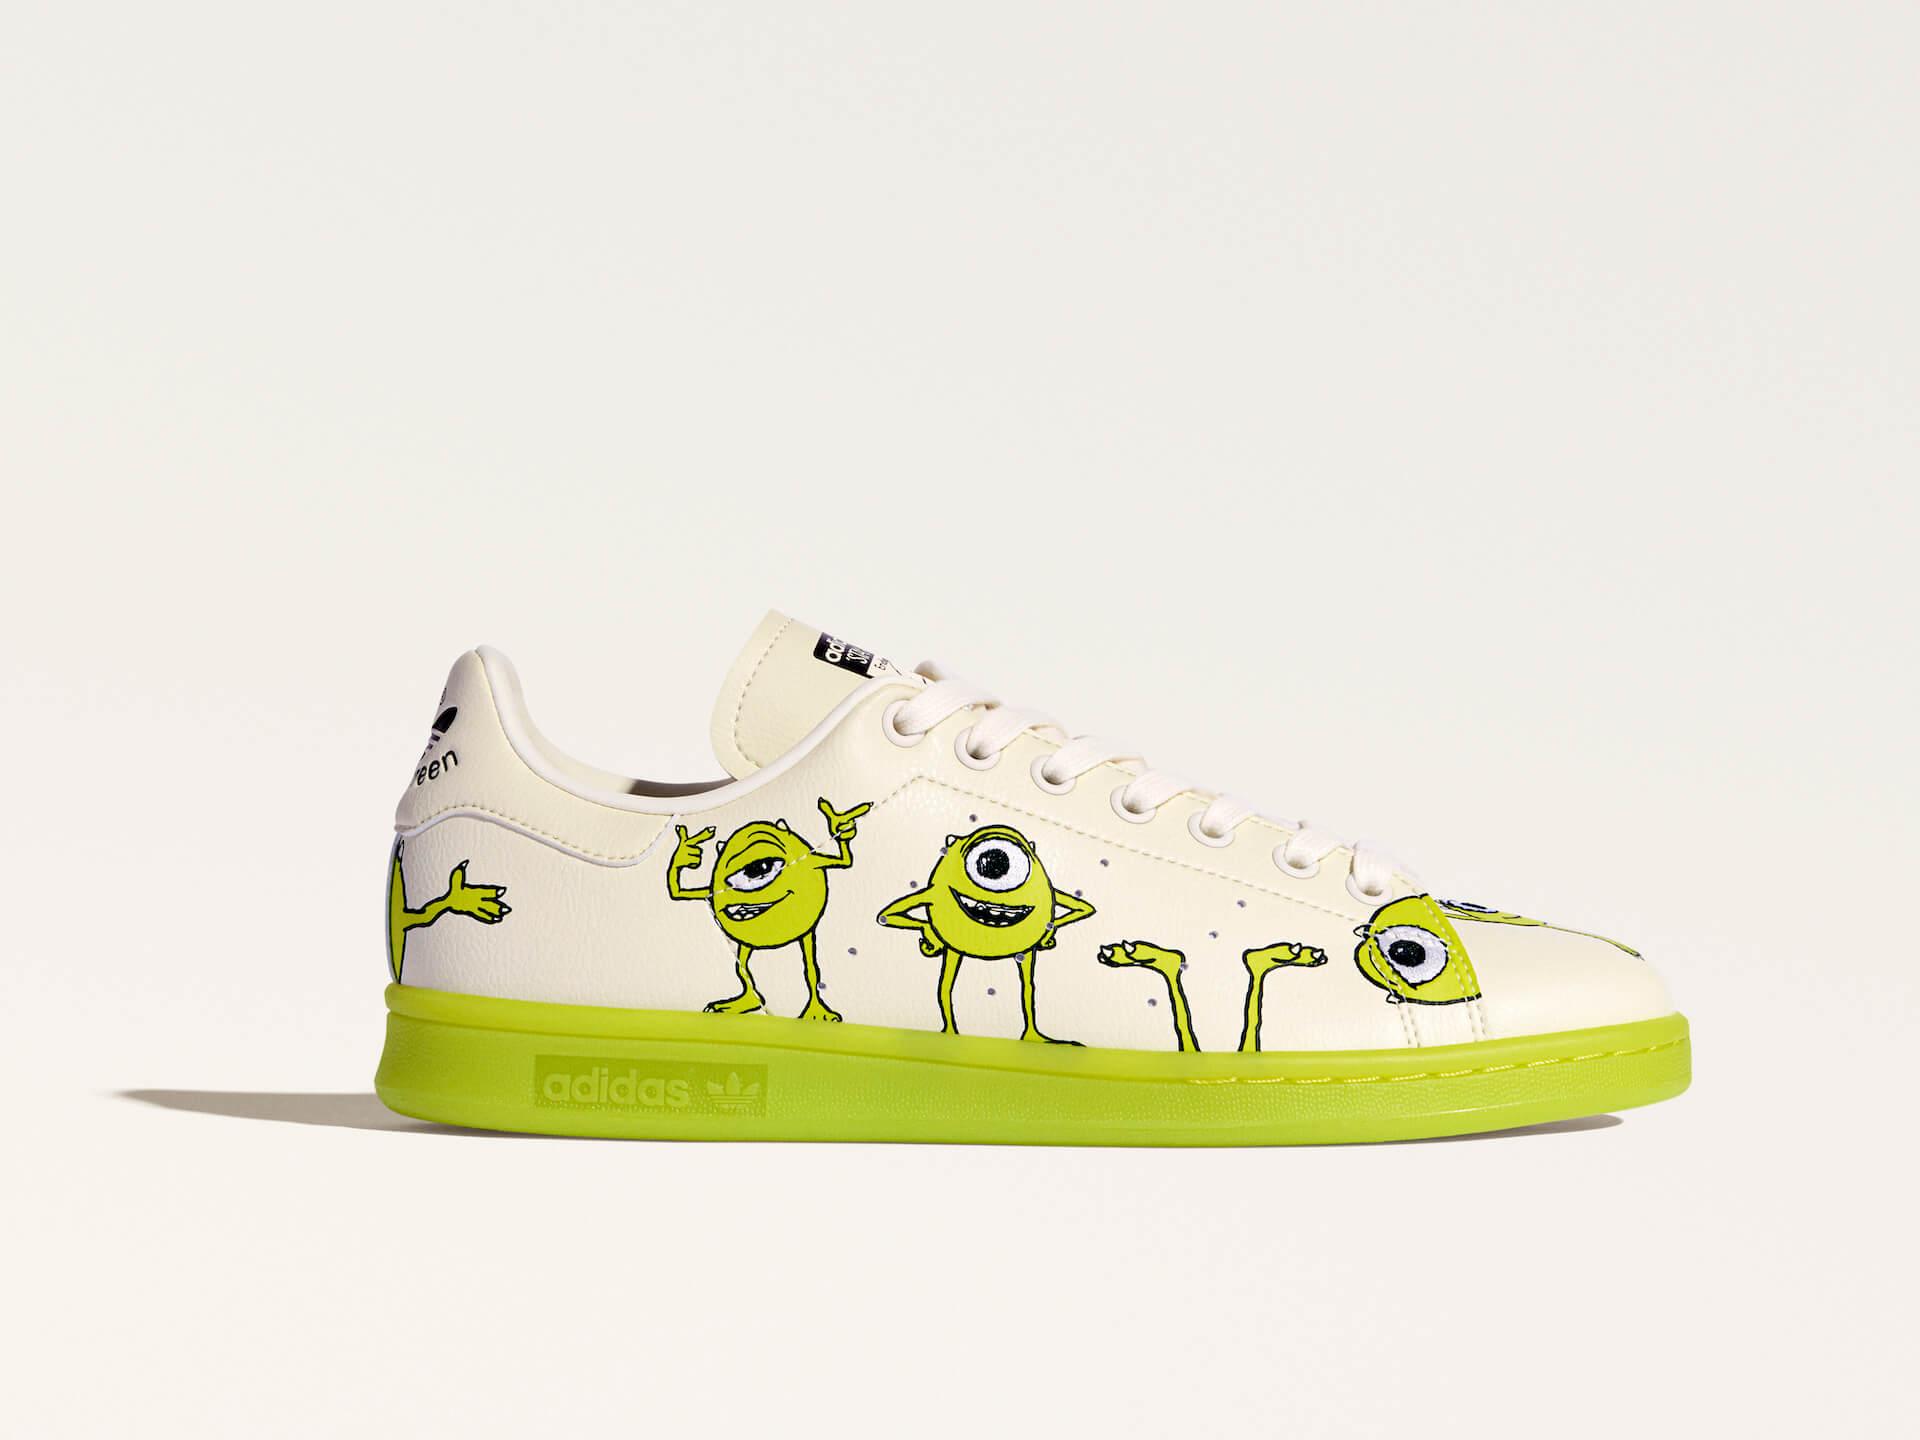 adidas「スタンスミス」のサステナブルコレクションに『モンスターズ・インク』マイク・ワゾウスキやマーベル・ハルクを配したモデルが登場! life210323_adidas_stansmith_11